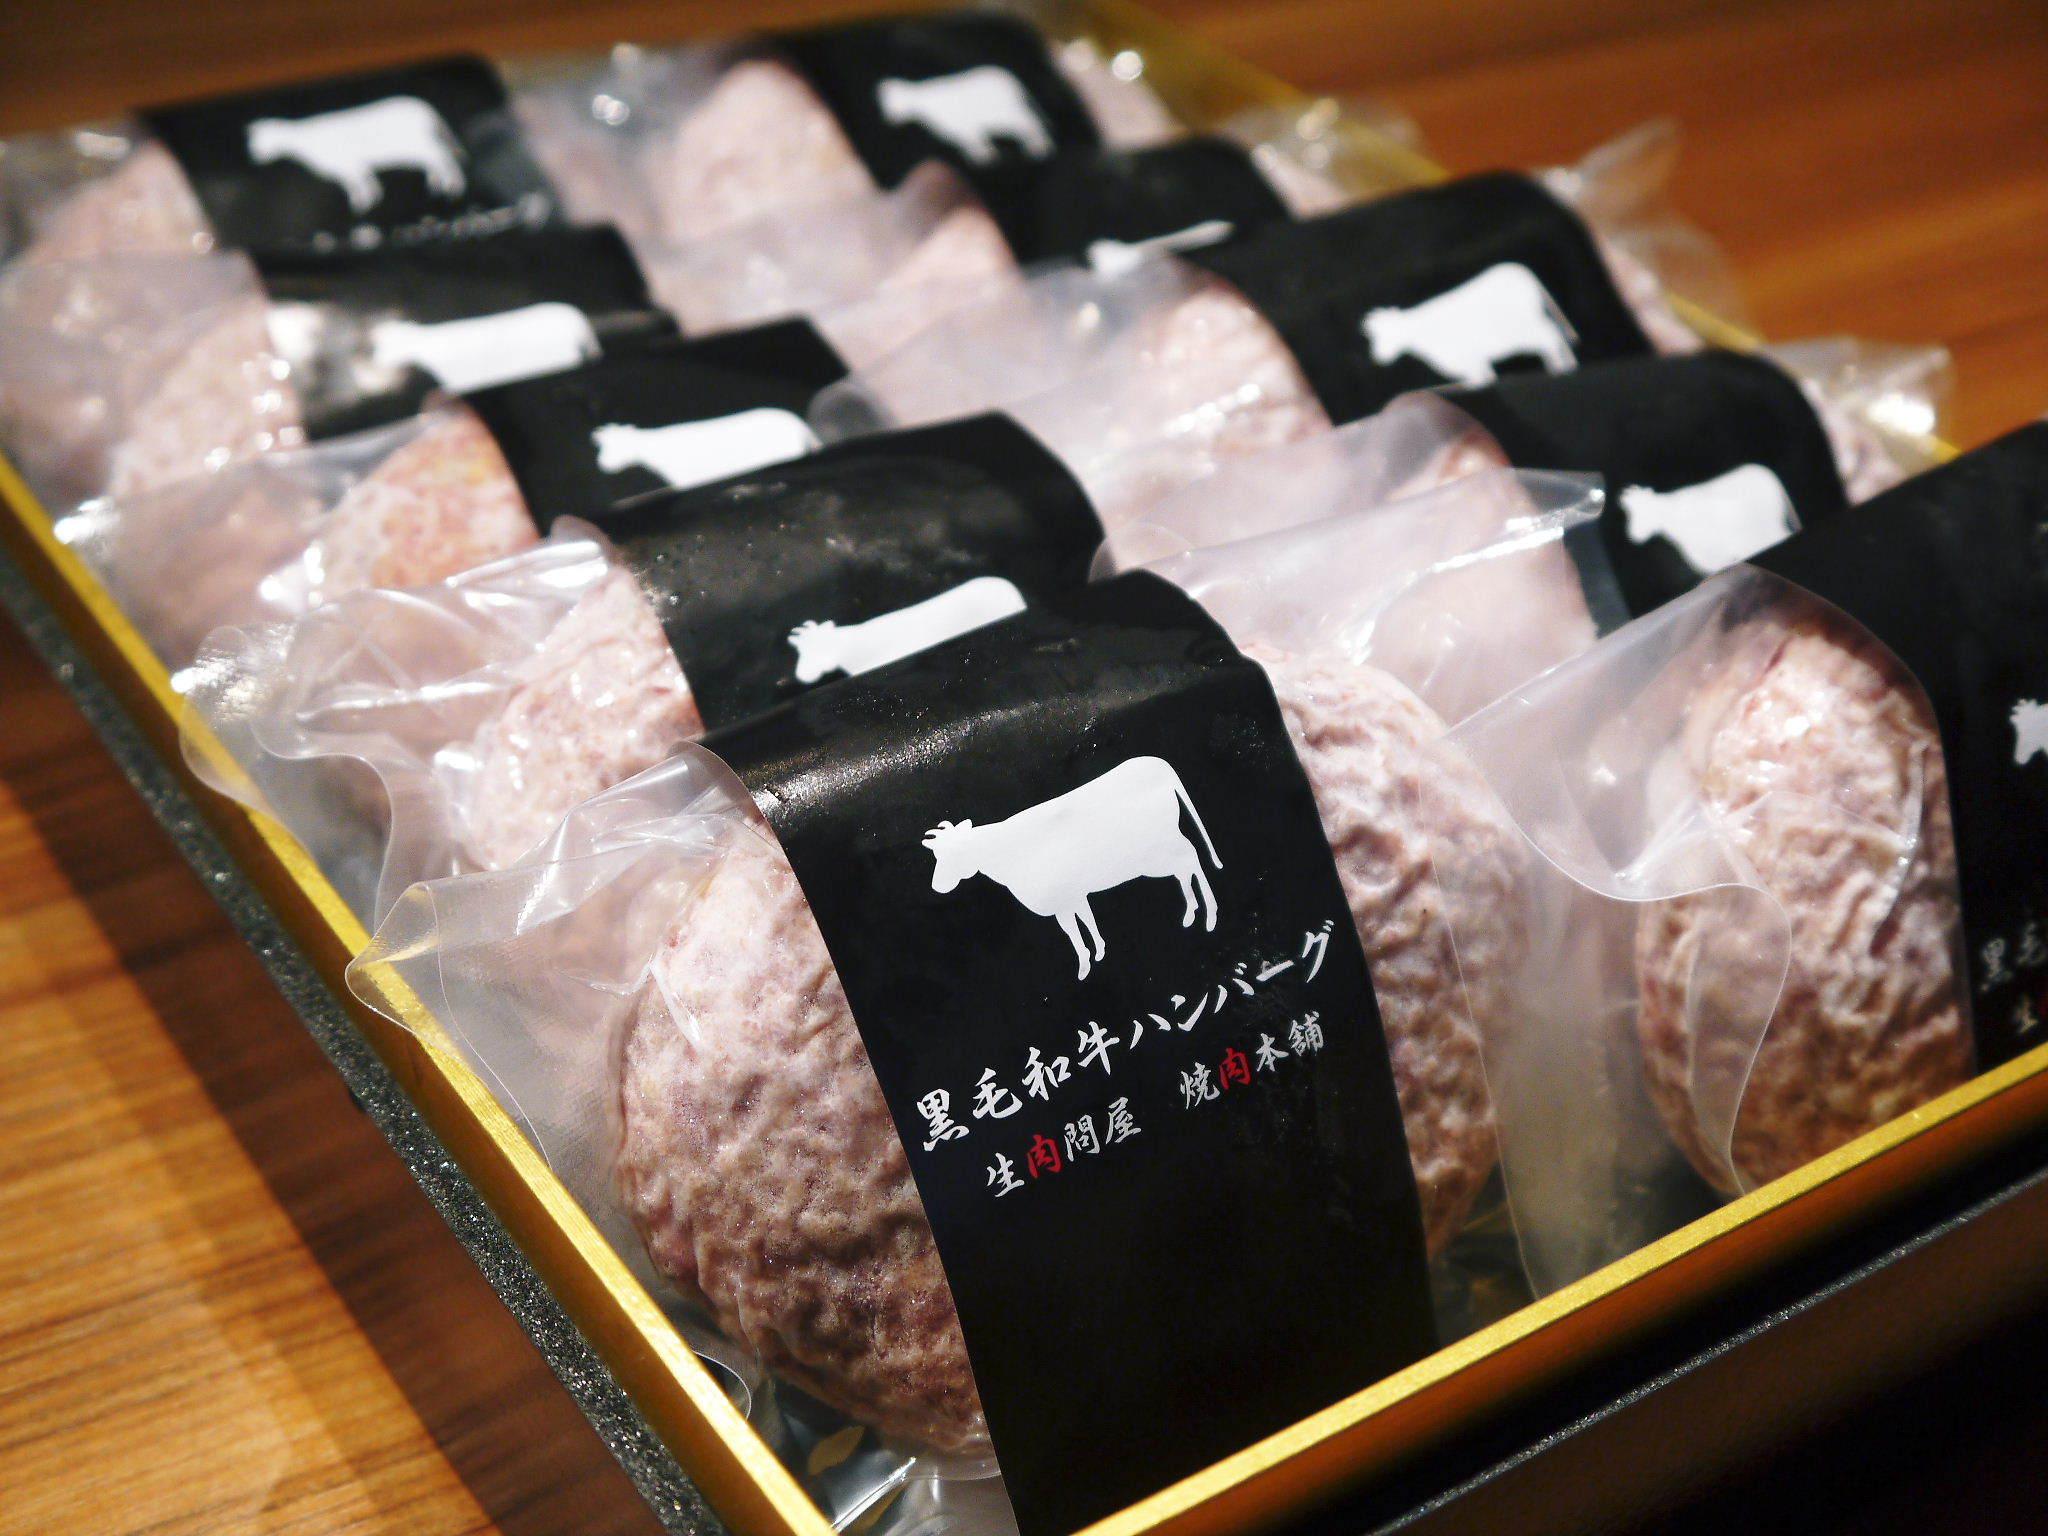 お歳暮にいかがですか!熊本県産黒毛和牛100%のハンバーグステーキを数量限定で予約販売中!_a0254656_16474625.jpg